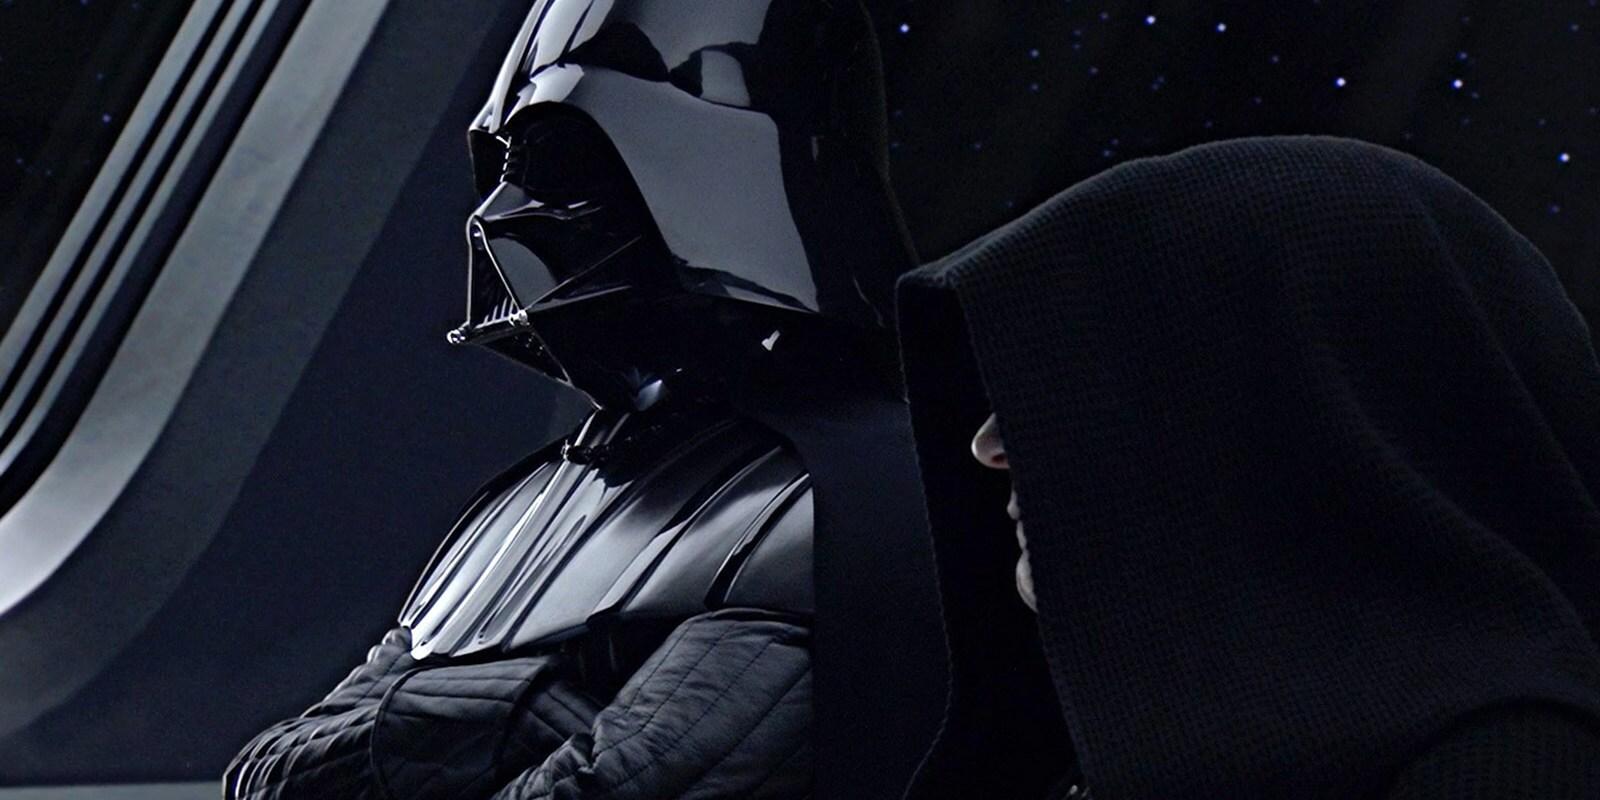 Livro dos Sith - Os segredos do lado negro